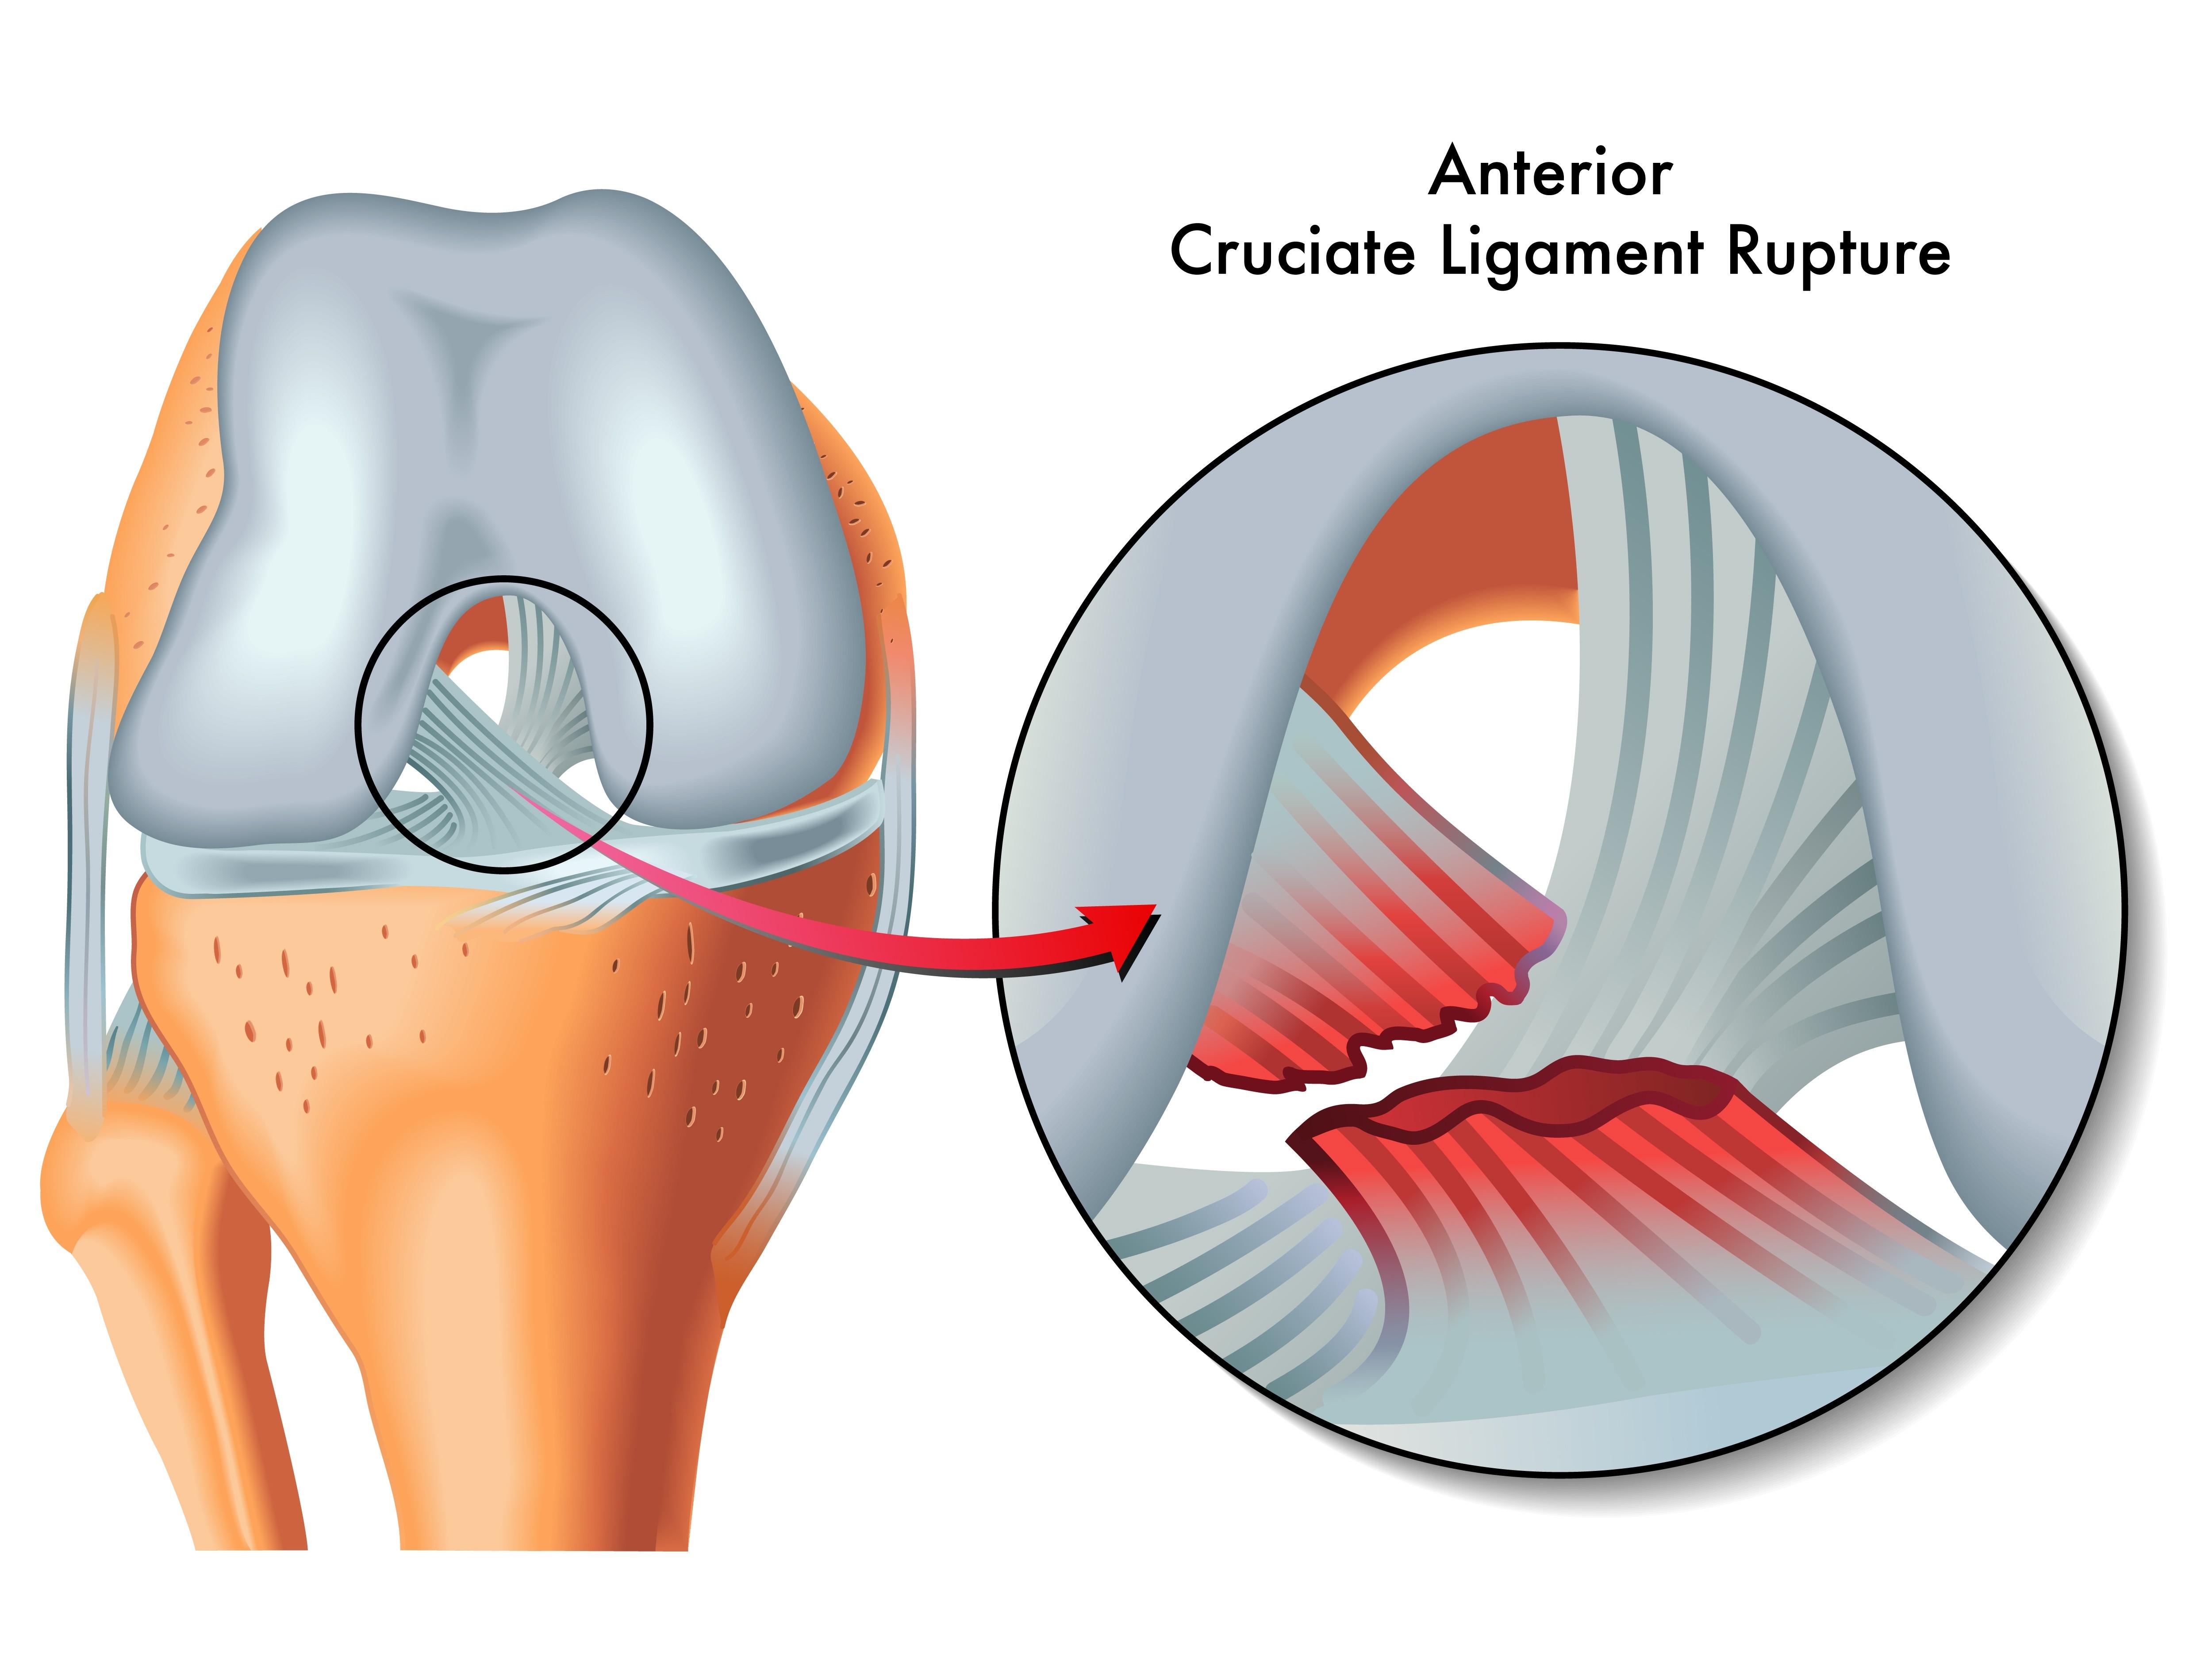 21961112 - anterior cruciate ligament rupture